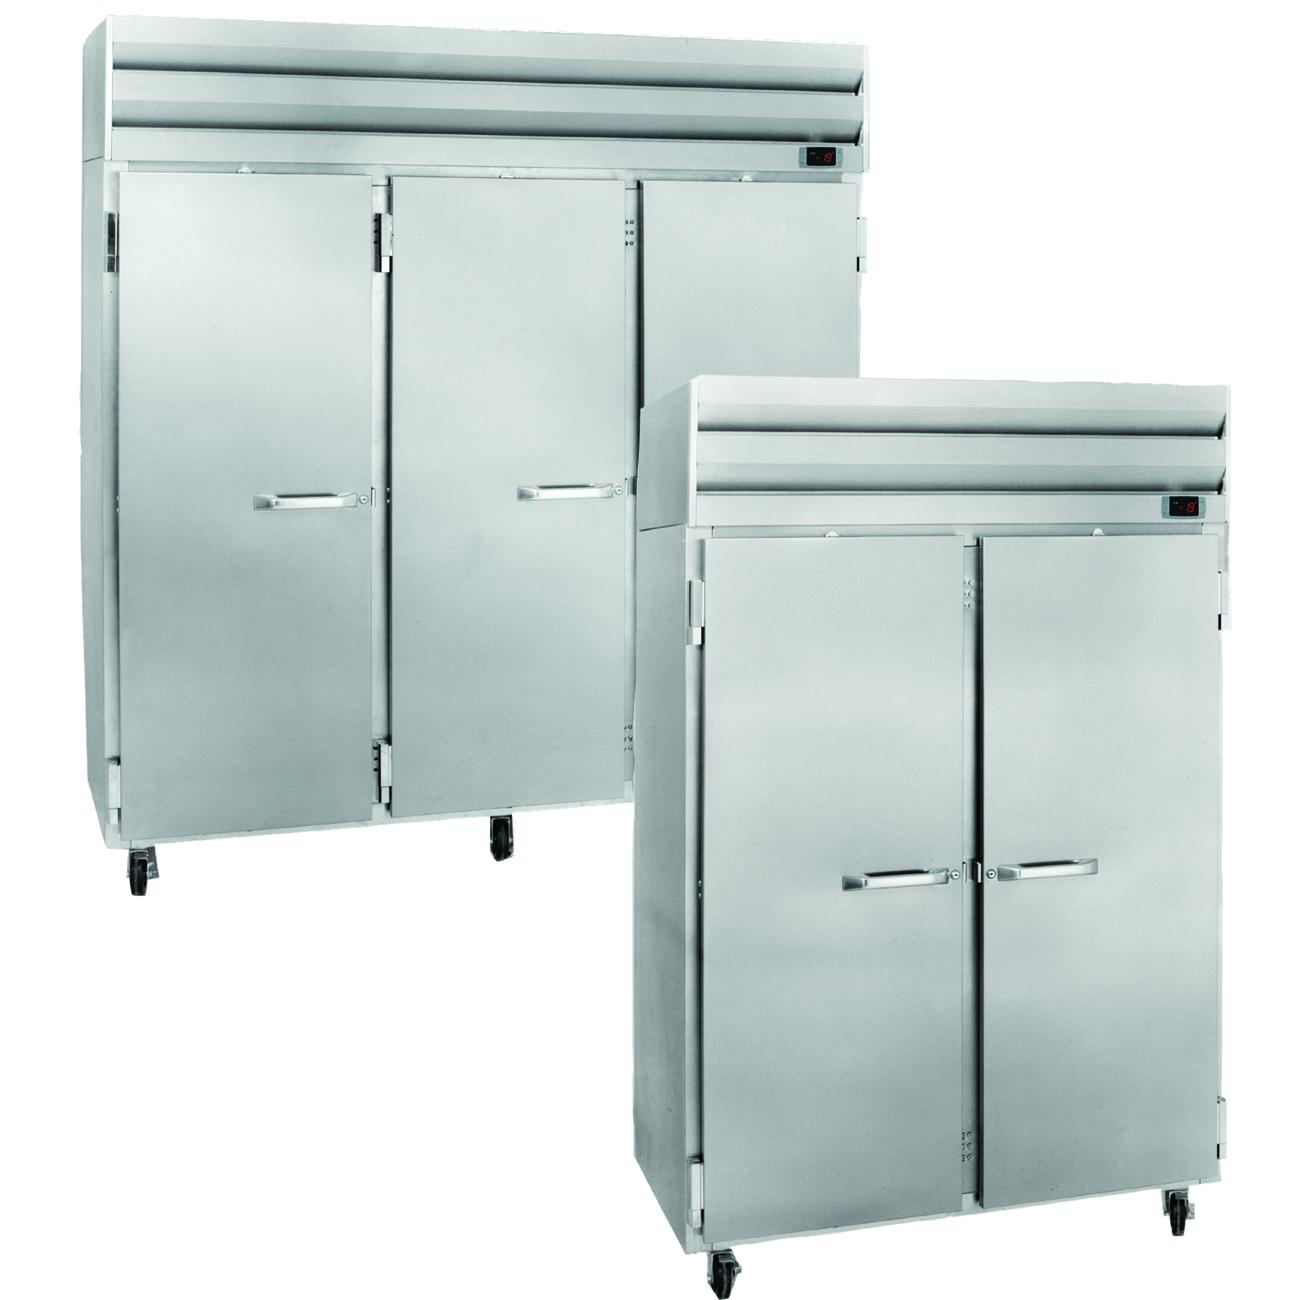 Howard-McCray SF48-LT freezer, reach-in